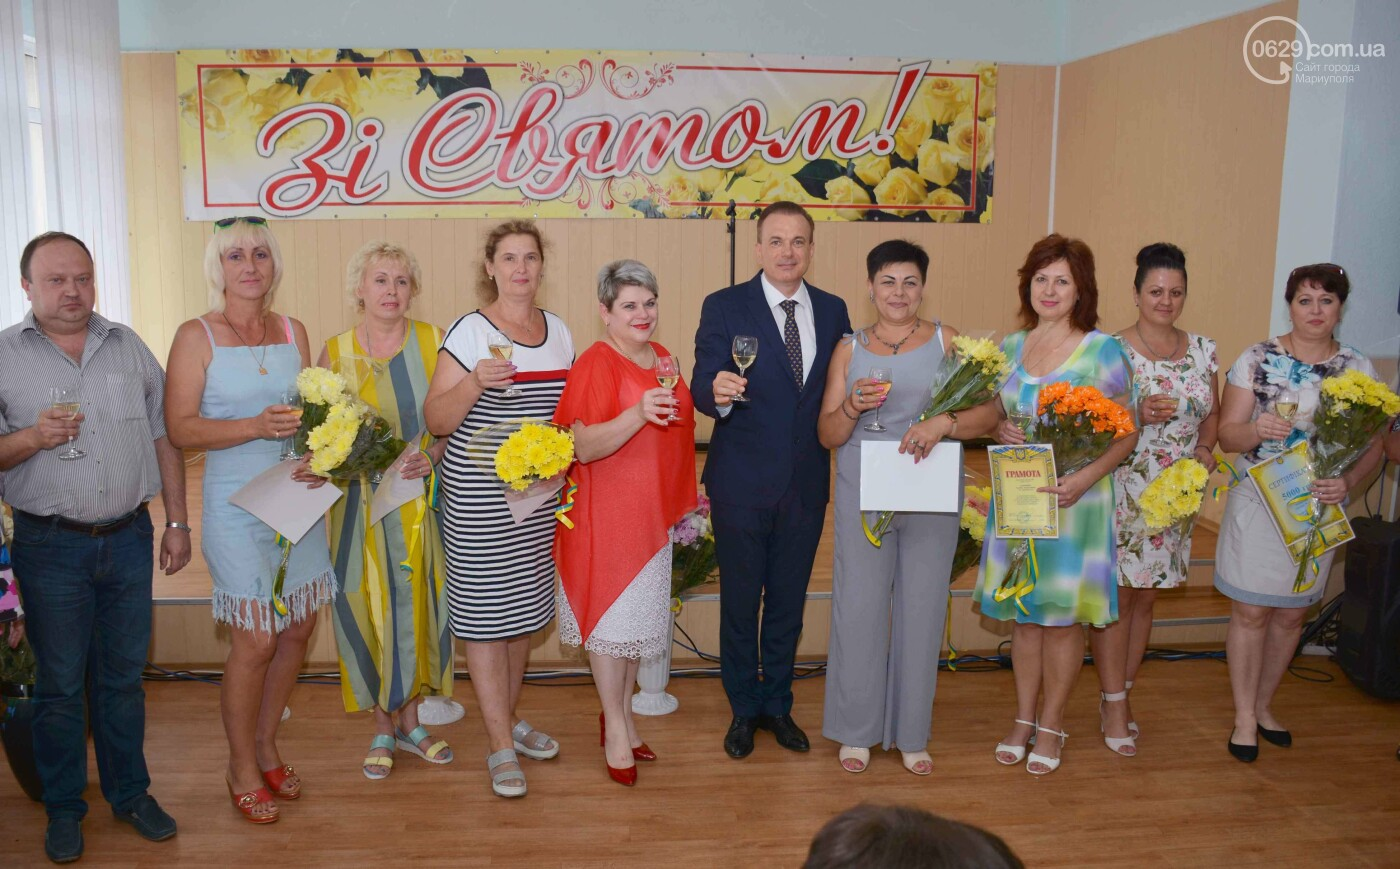 В Мариуполе чествовали лучших работников торговли (ФОТО), фото-10